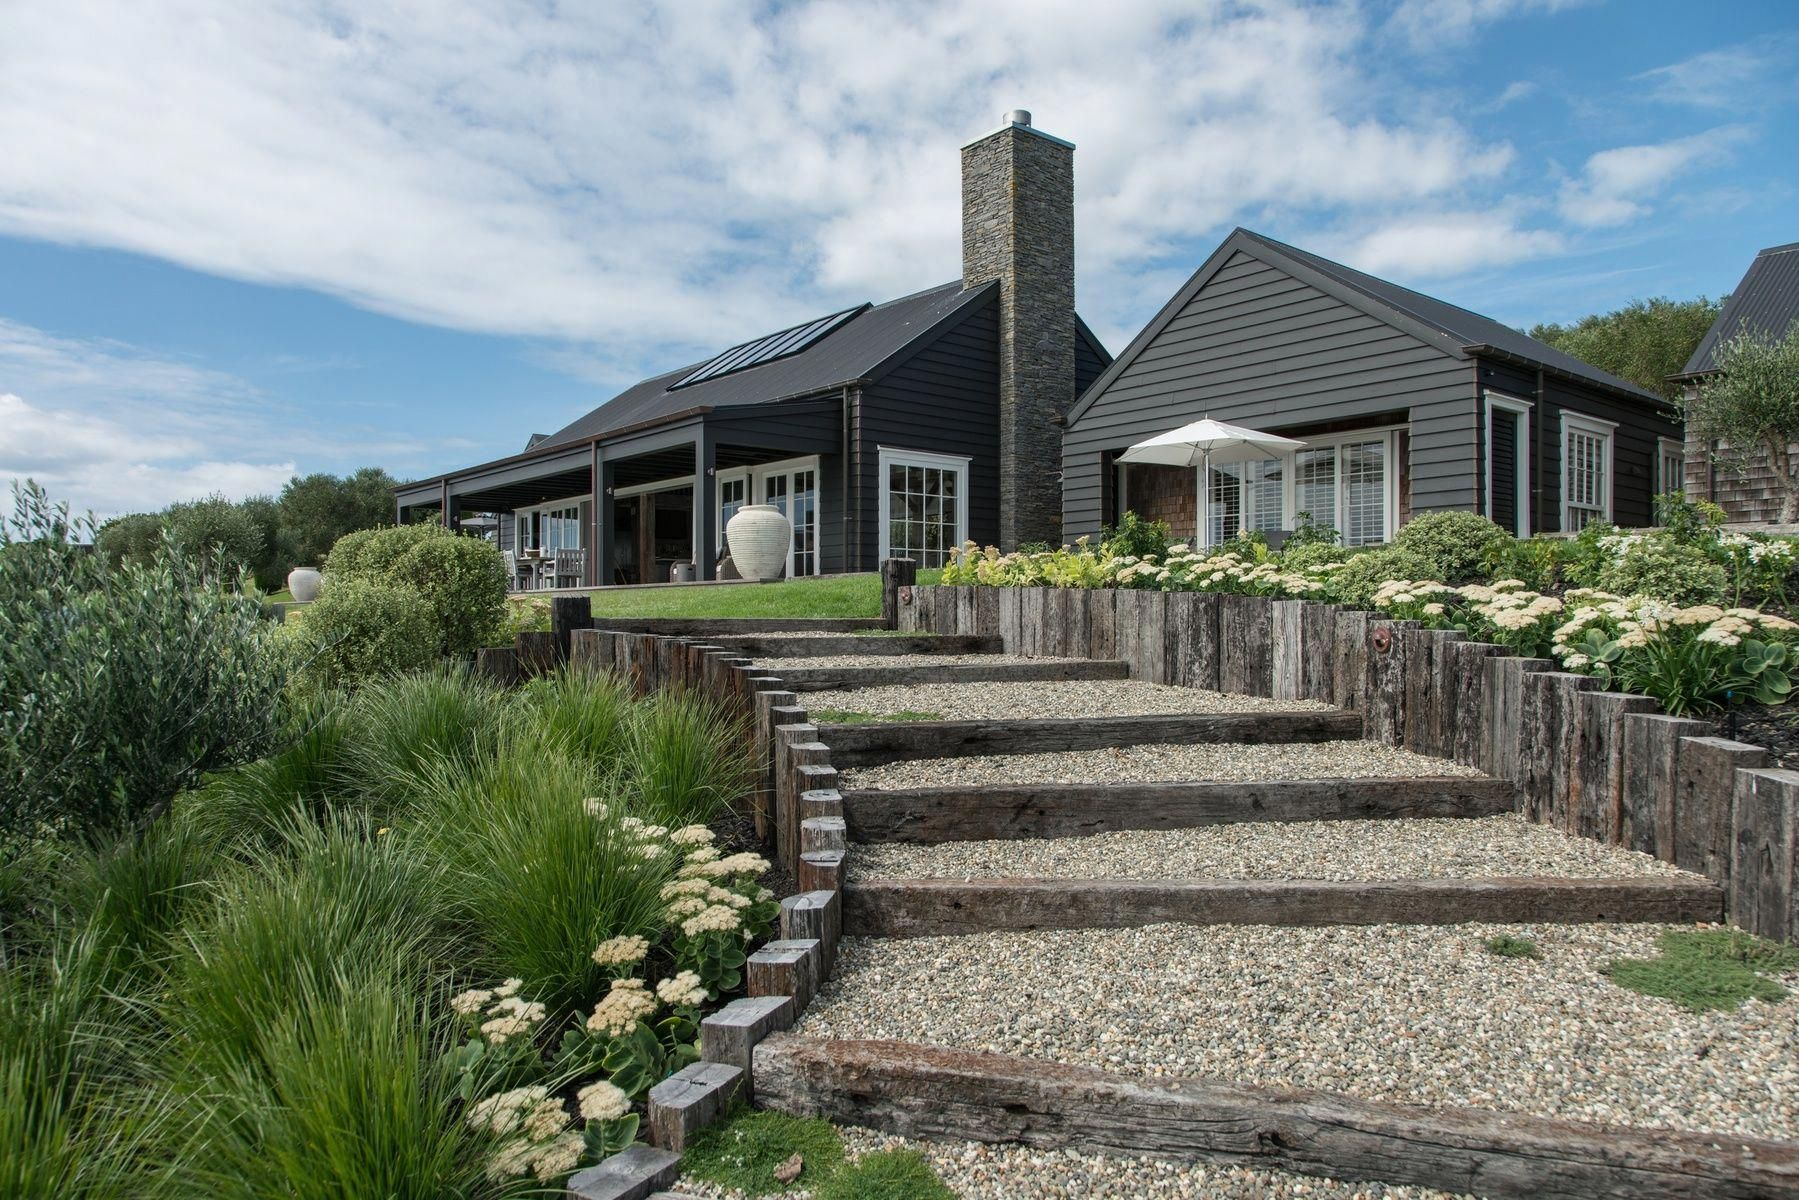 Gardening Landscape Design Definition Landscape Gardening ... on Backyard Landscape Designers Near Me id=80305